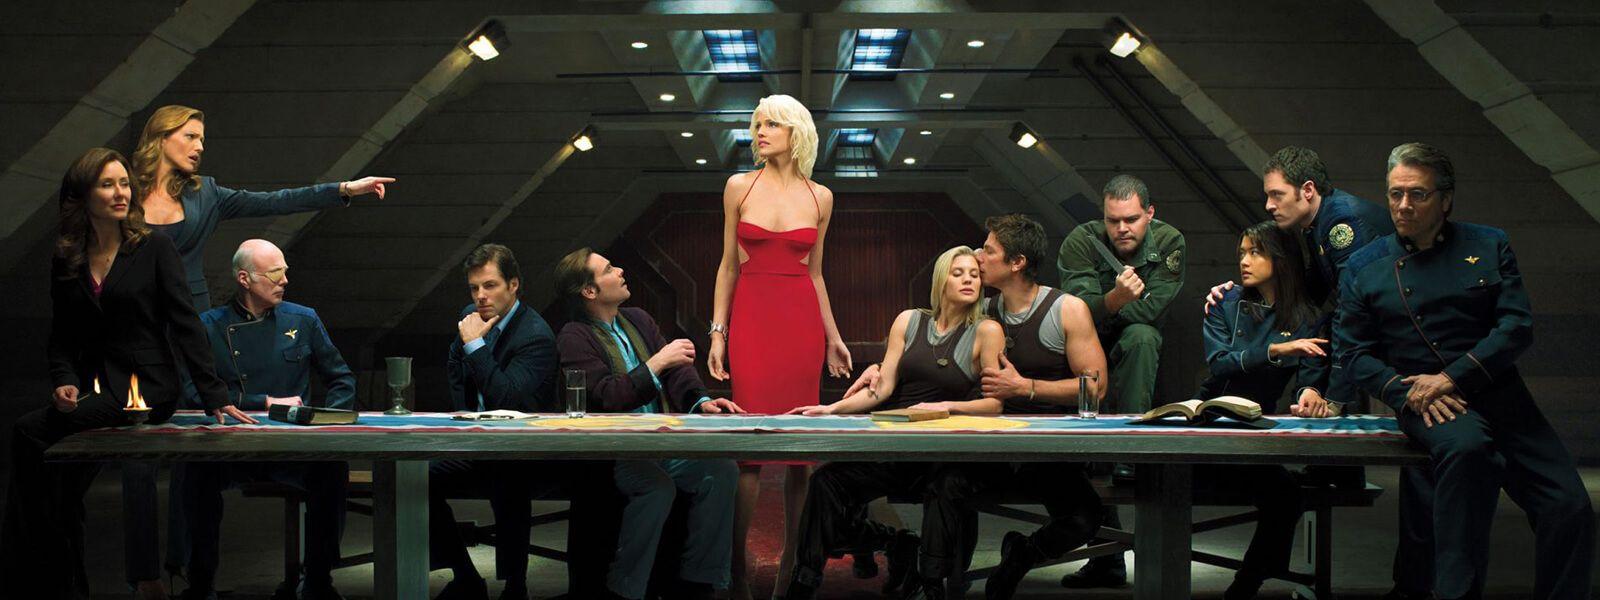 Battlestar Galactica me inspiró el apellido de uno de los protagonistas de La Única Verdad.